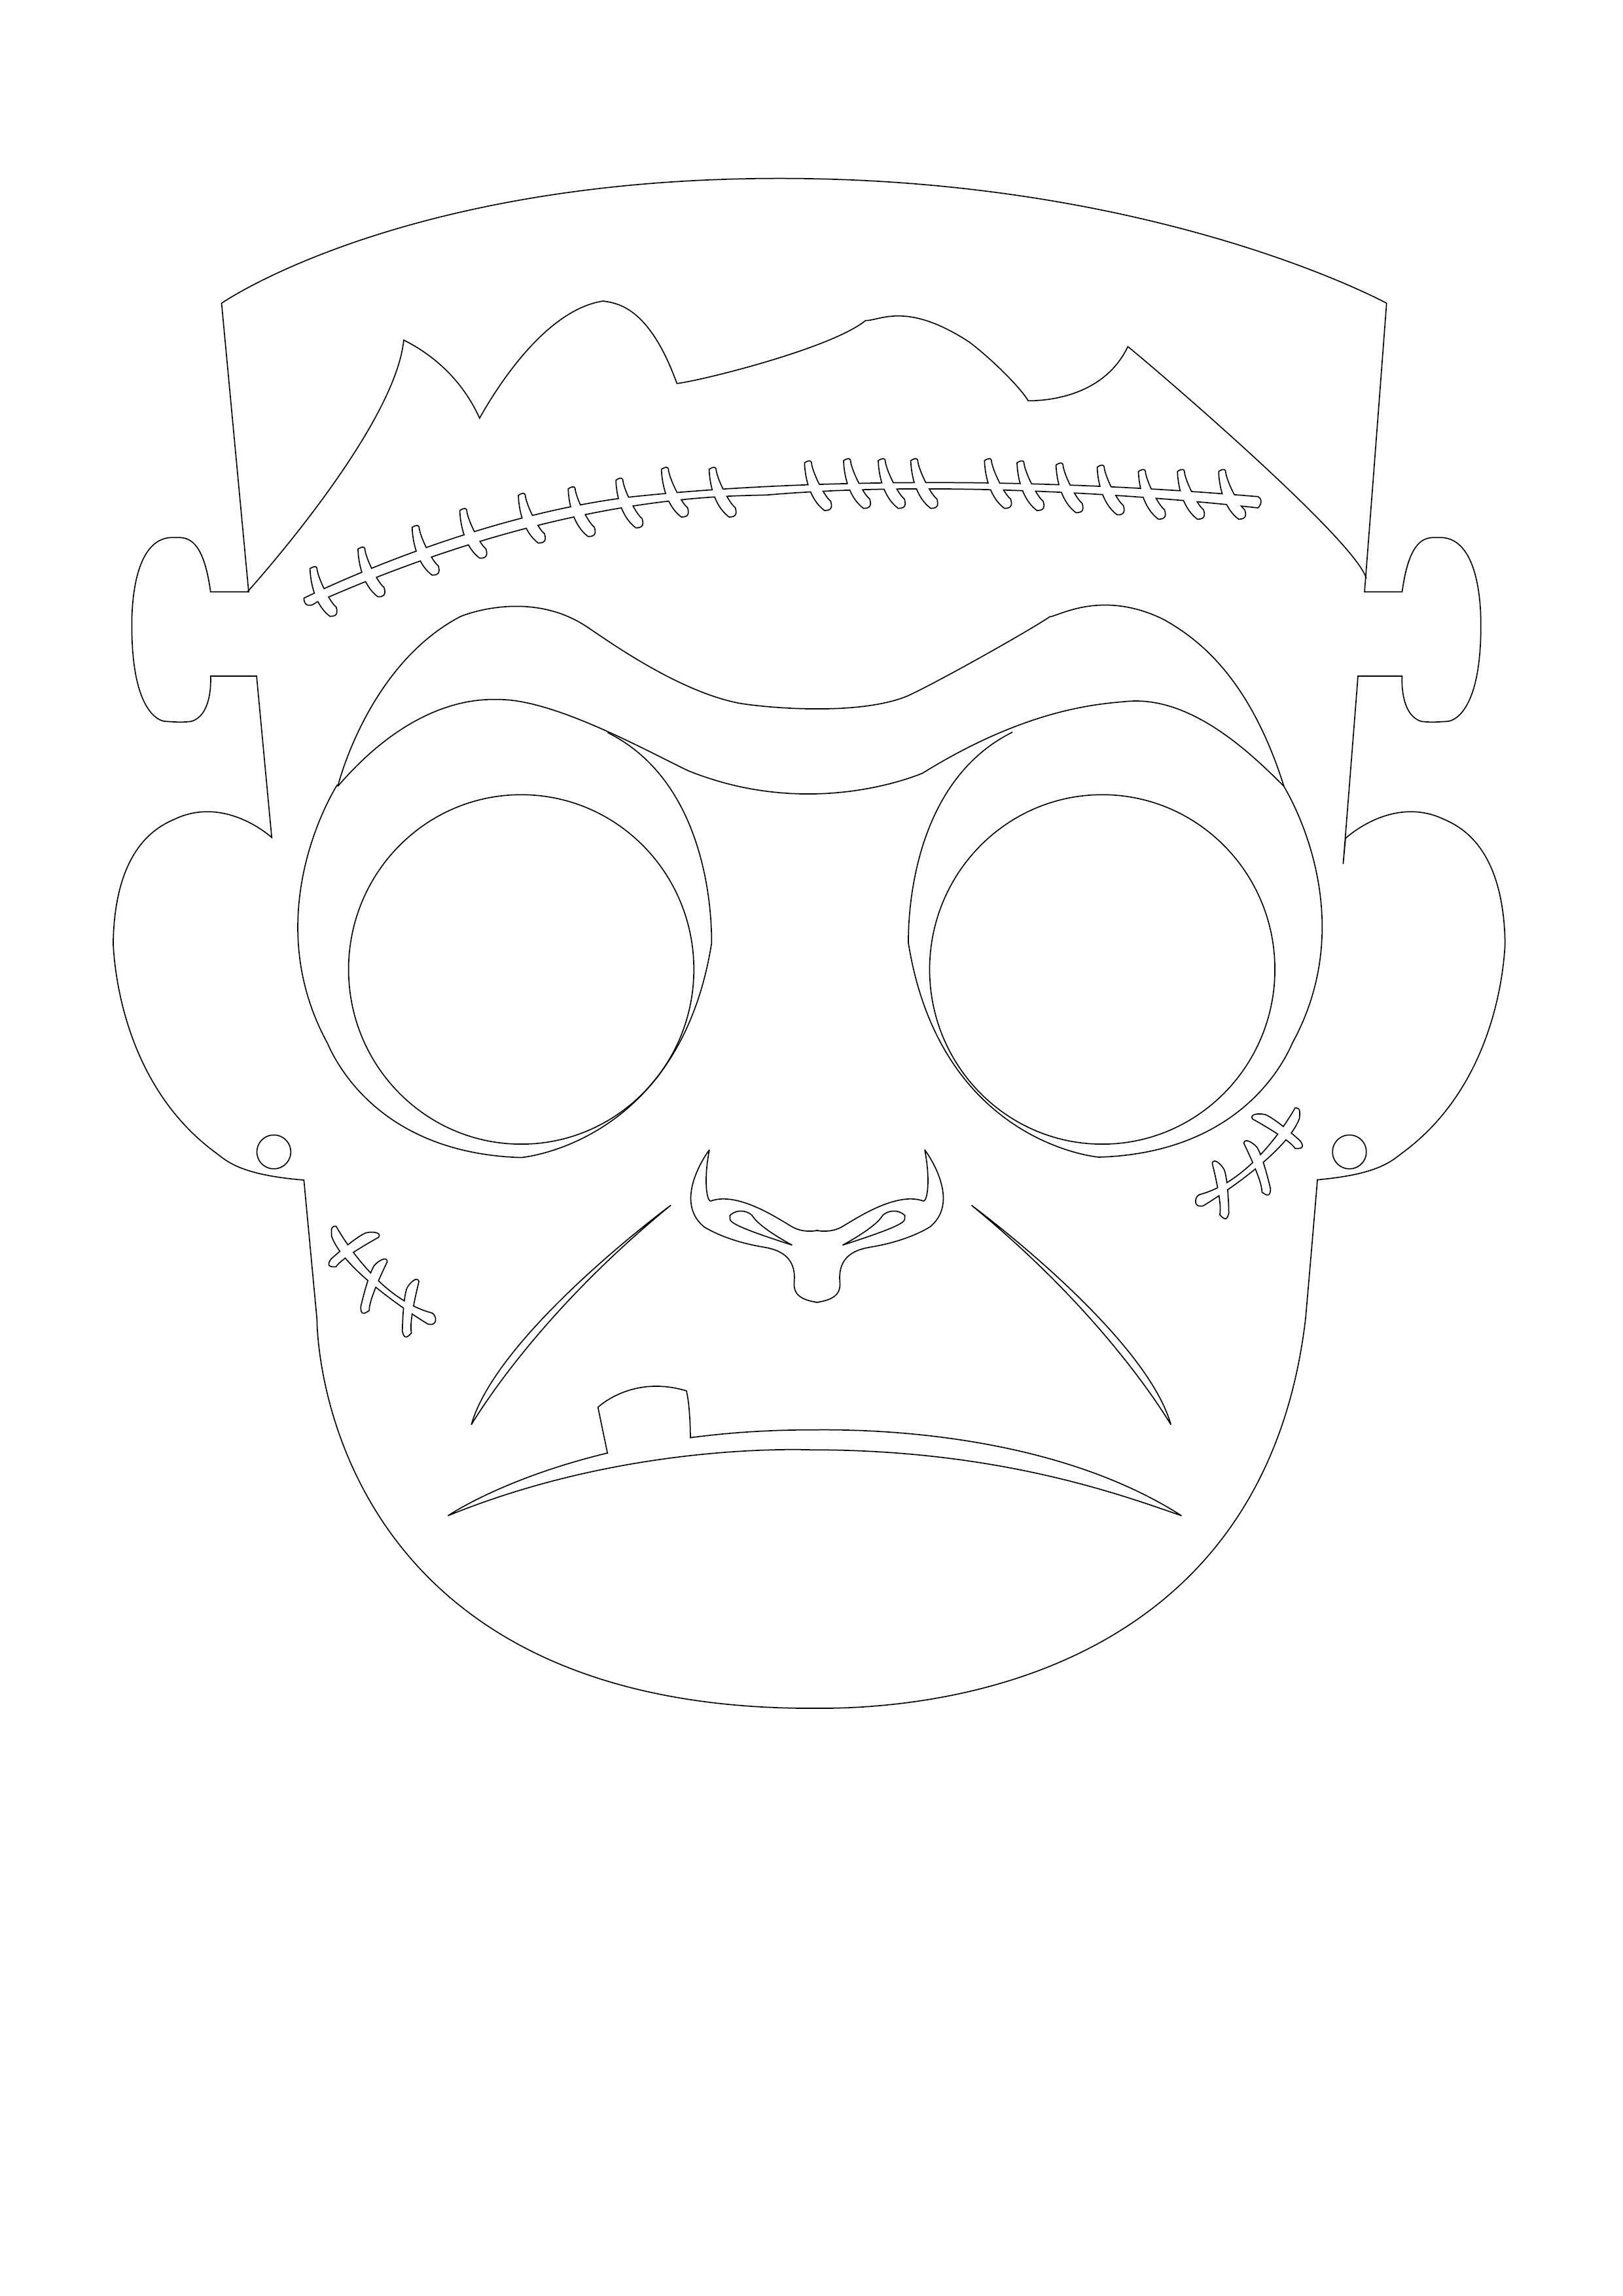 Le masque d 39 halloween imprimer - Masque halloween a colorier ...